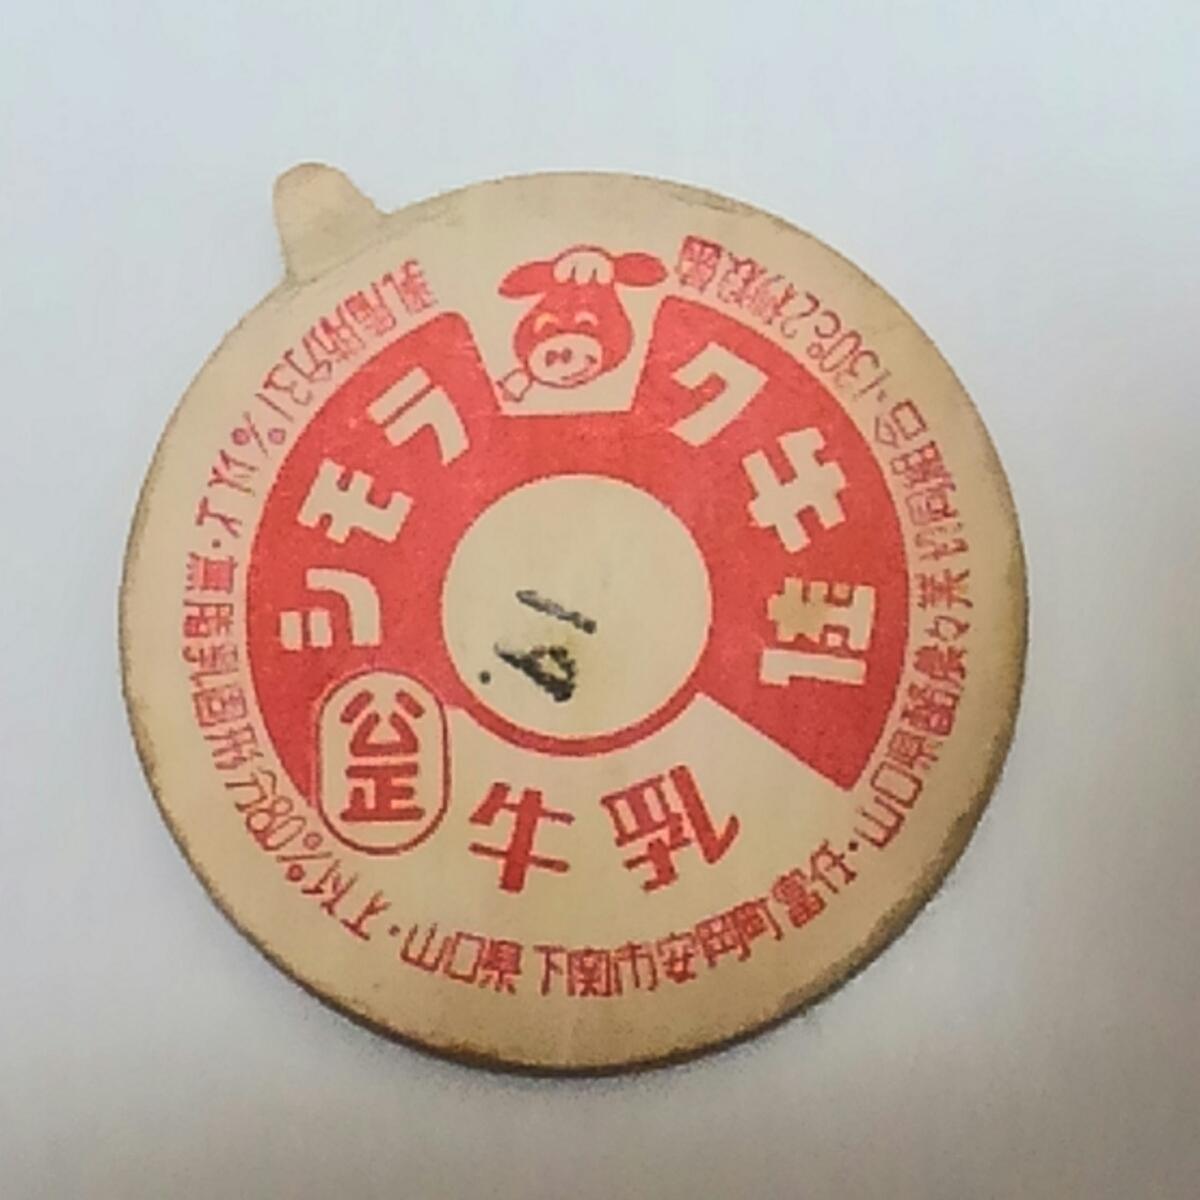 【牛乳キャップ】40年以上前の牛乳ビンのキャップ シモラク牛乳 山口県/山口県酪農々業協同組合